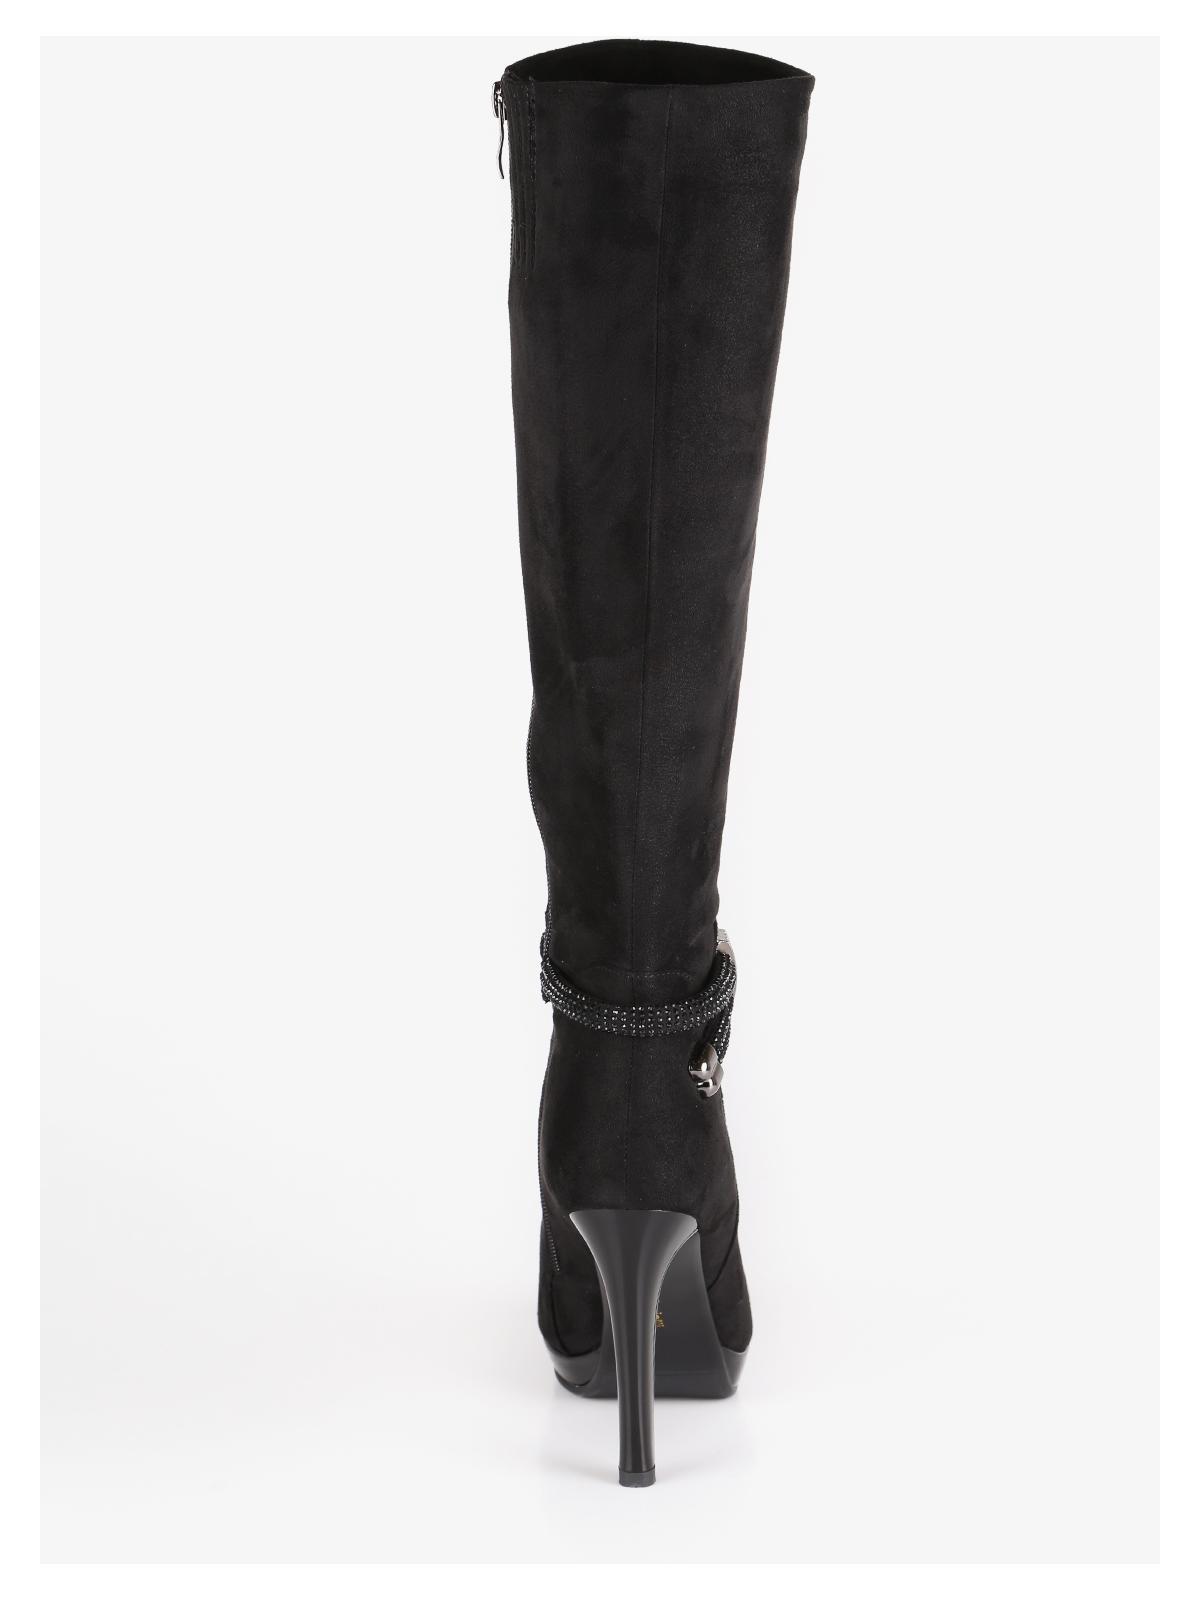 Stivali scamosciati con tacco alto laura biagiotti | MecShopping